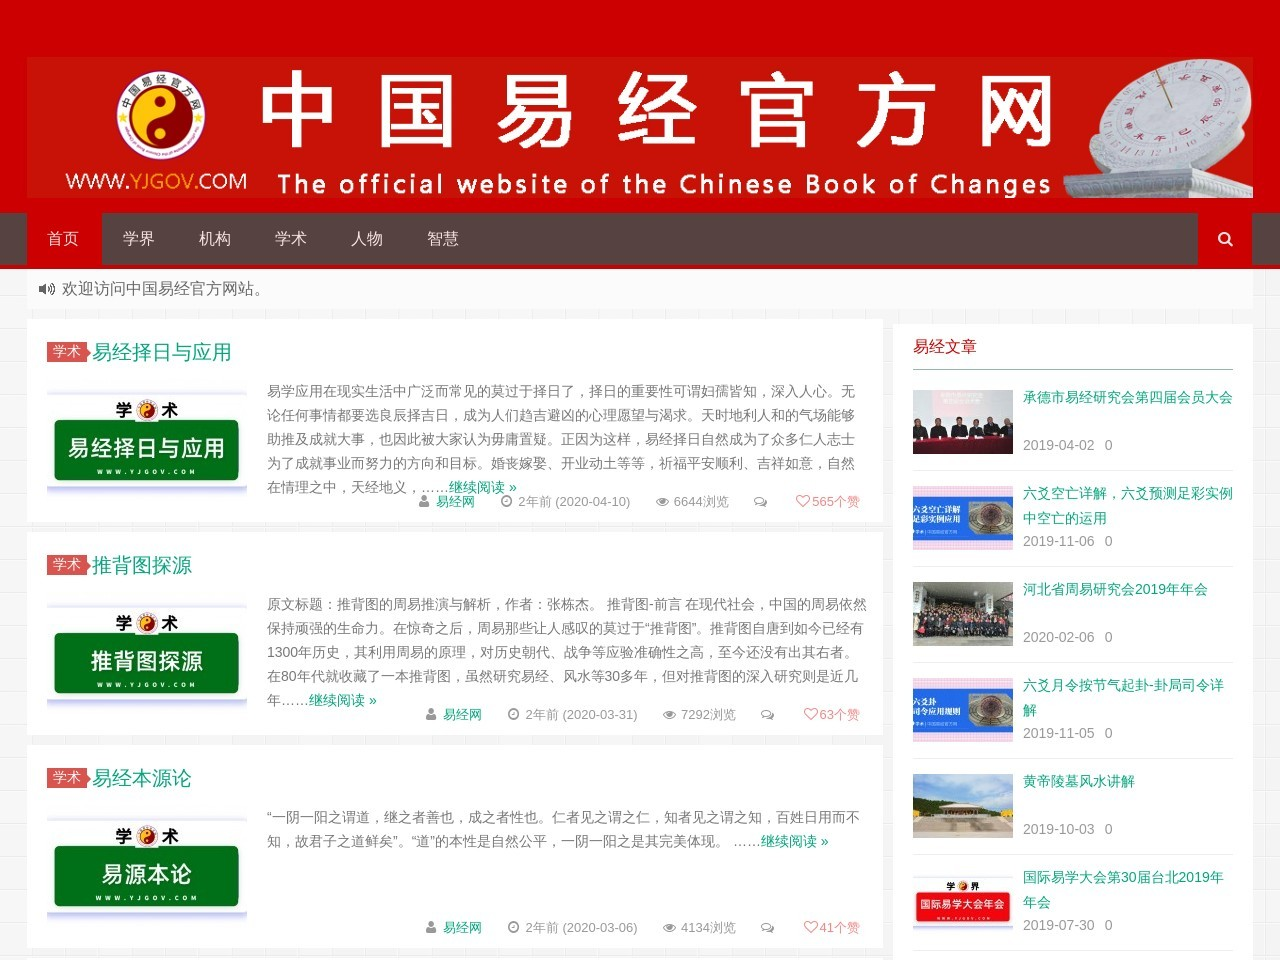 中国易经官方网